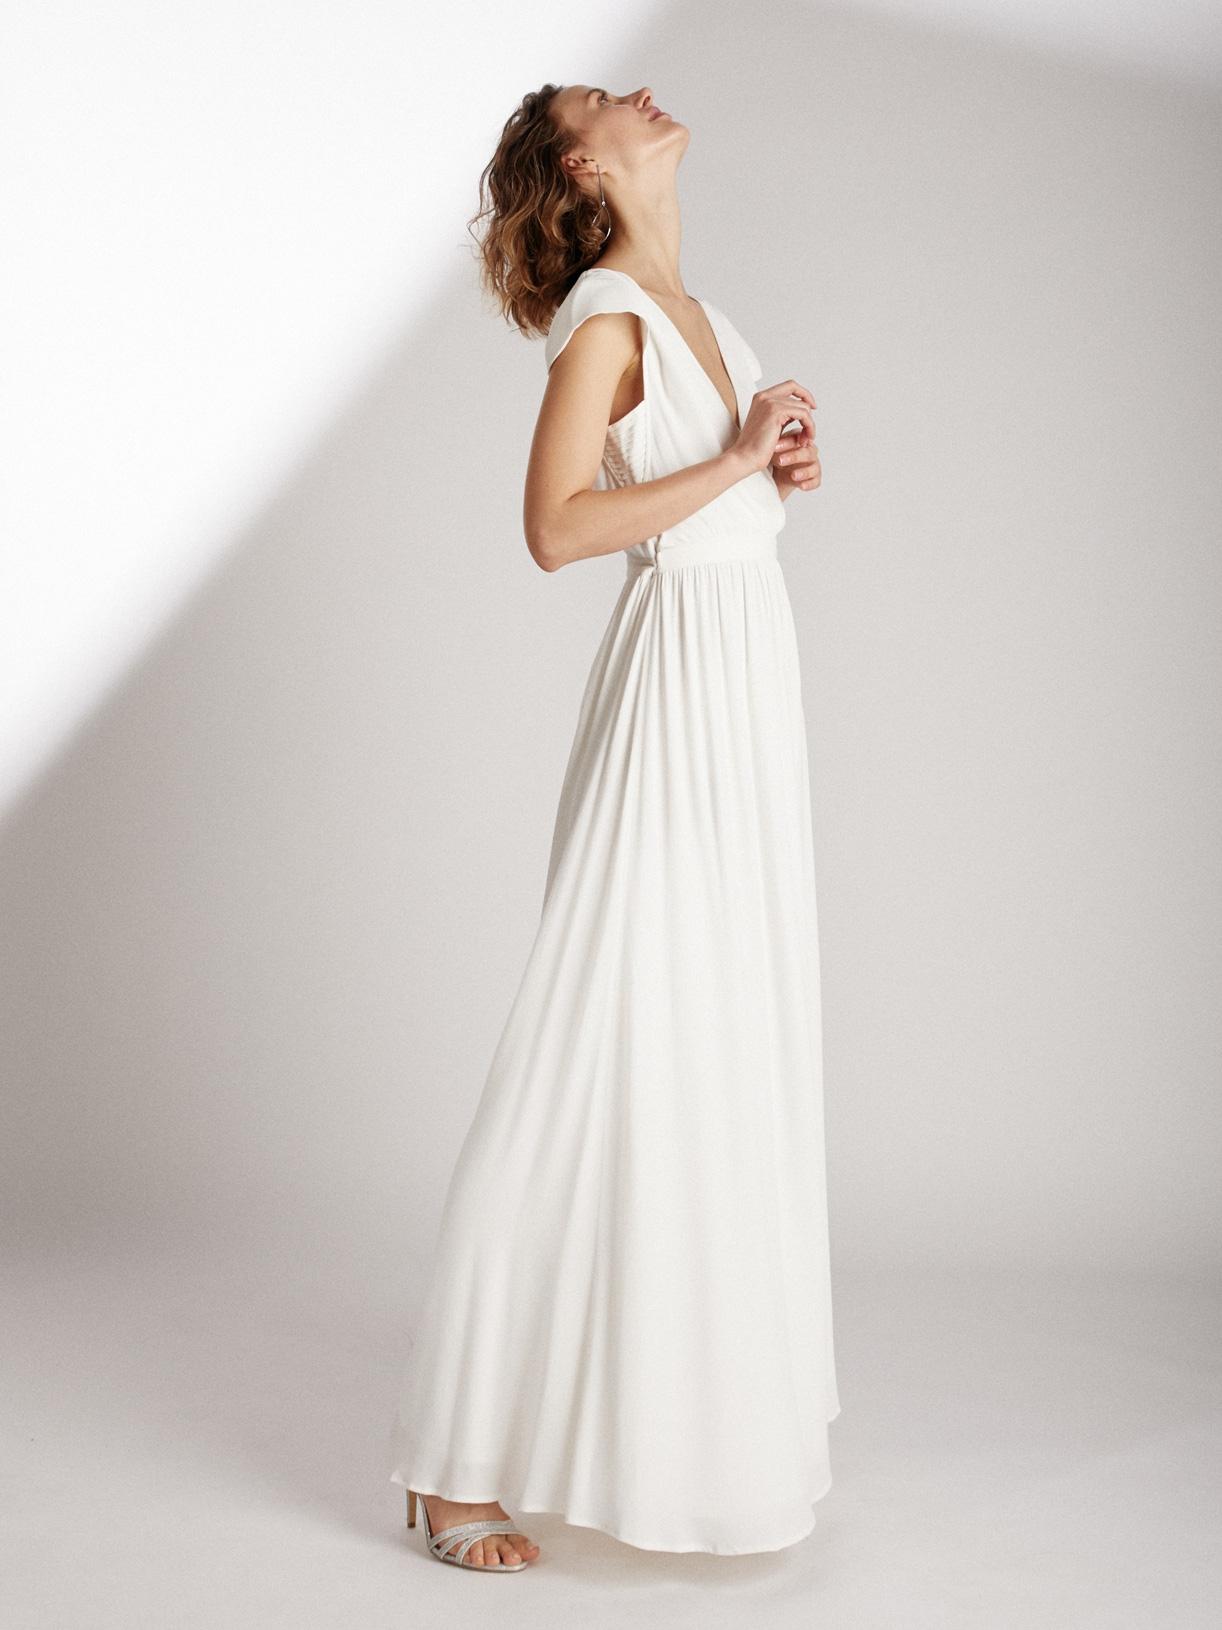 Robe de mariée dos-nu écoresponsable - Creatrice de robe de mariée éthique et bio a Paris - Myphilosophy